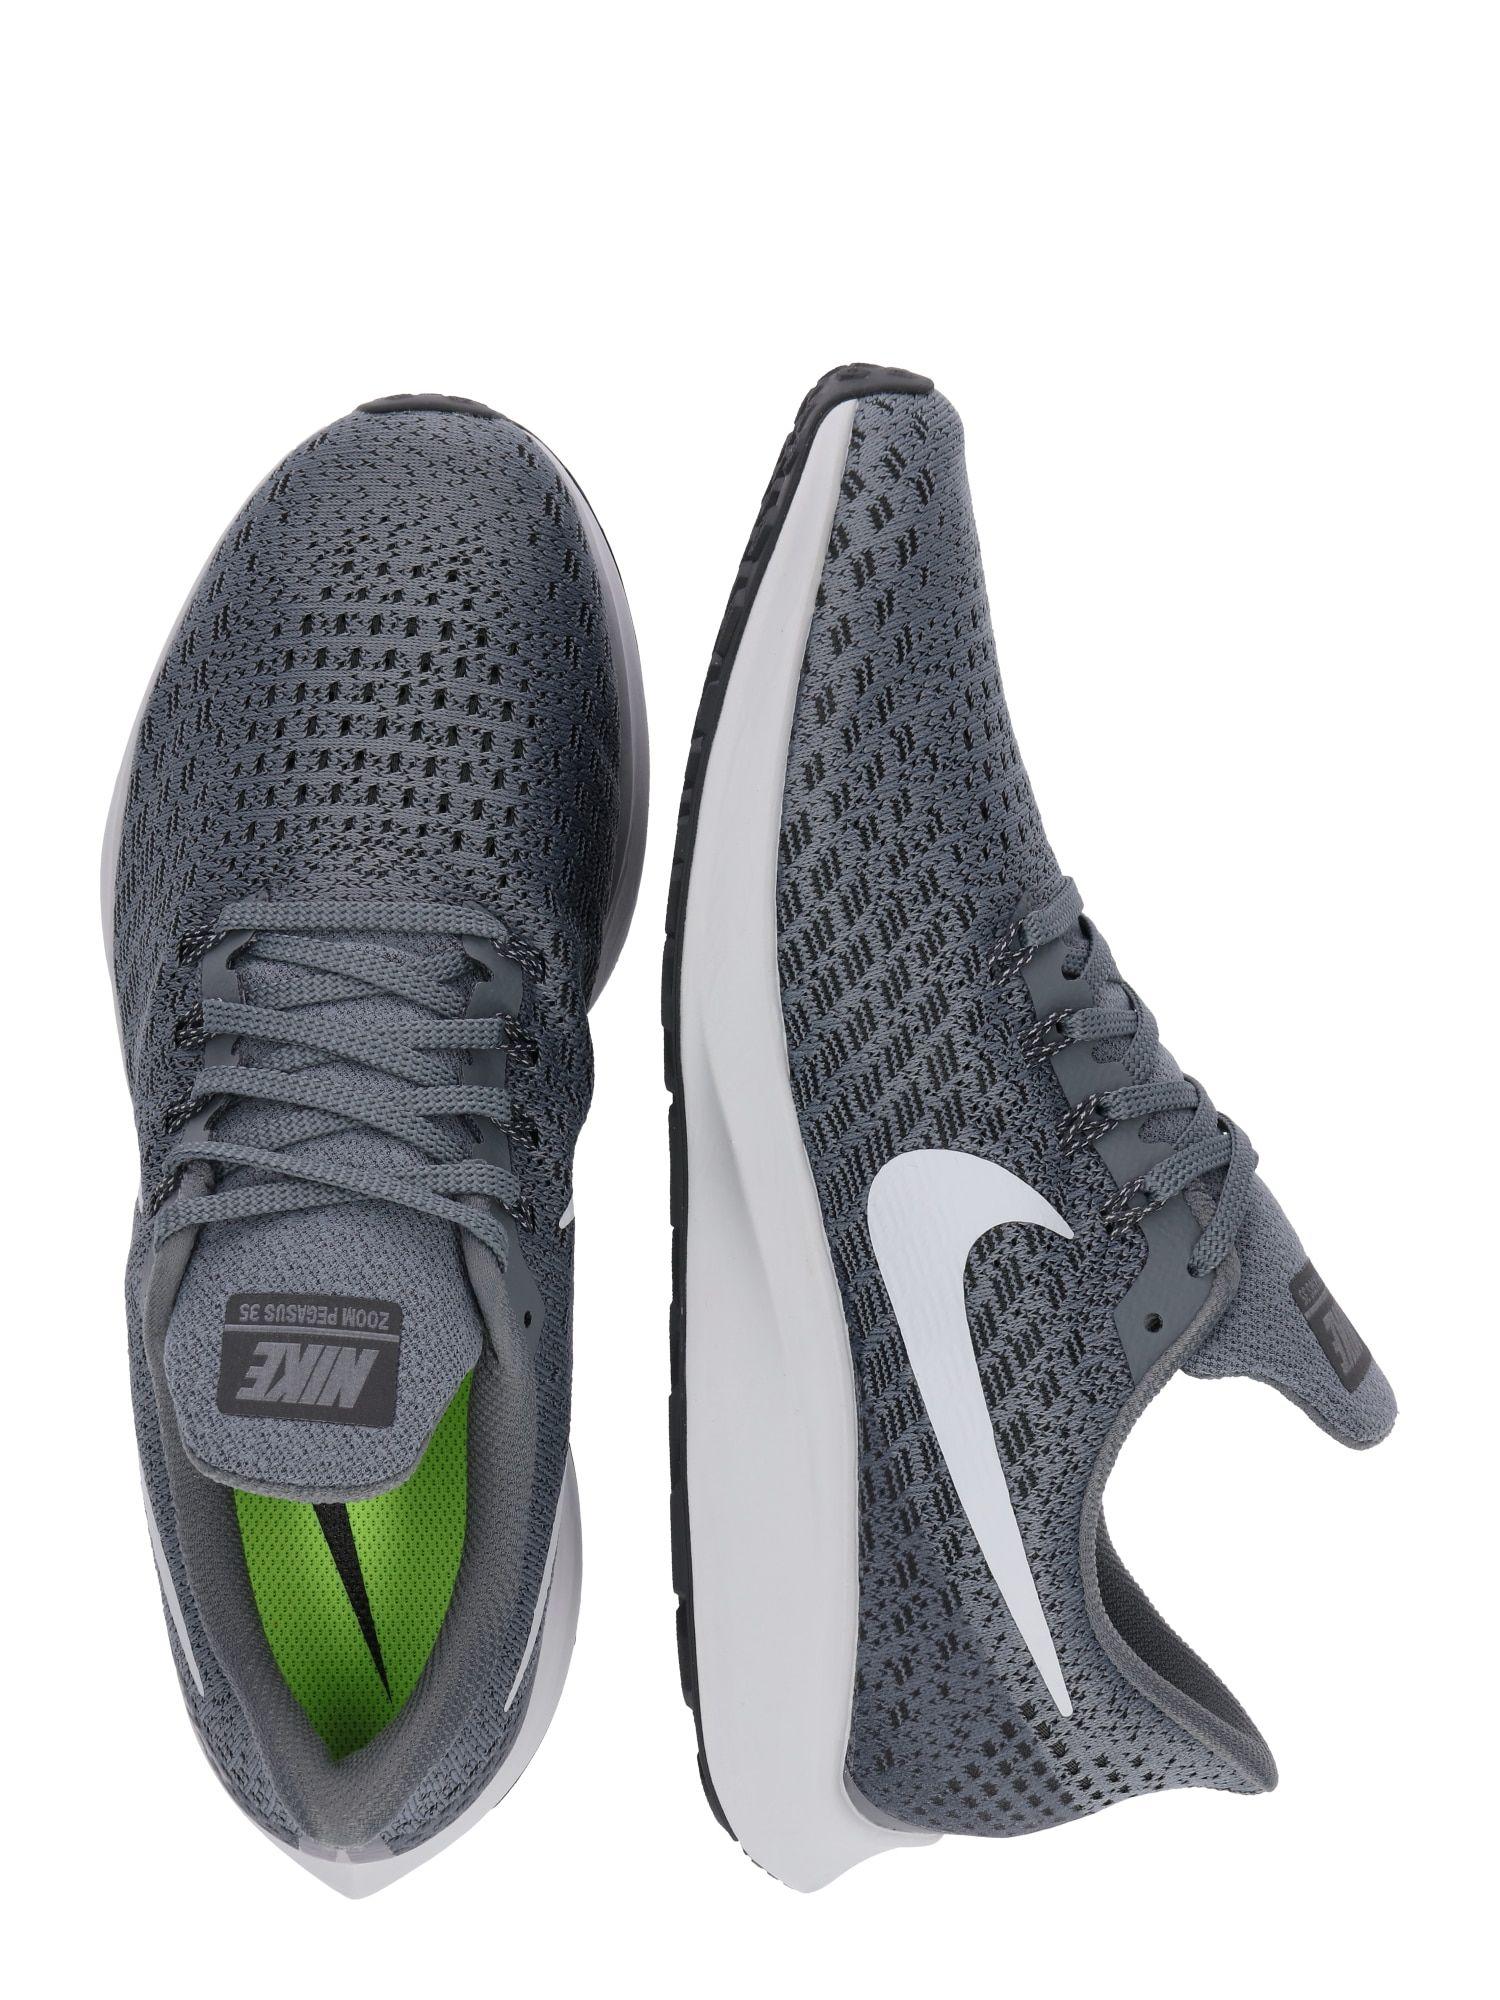 Nike Laufschuh Air Zoom Pegasus 35 Herren Grau Weiss Grosse 42 5 Laufschuhe Nike Schuhe